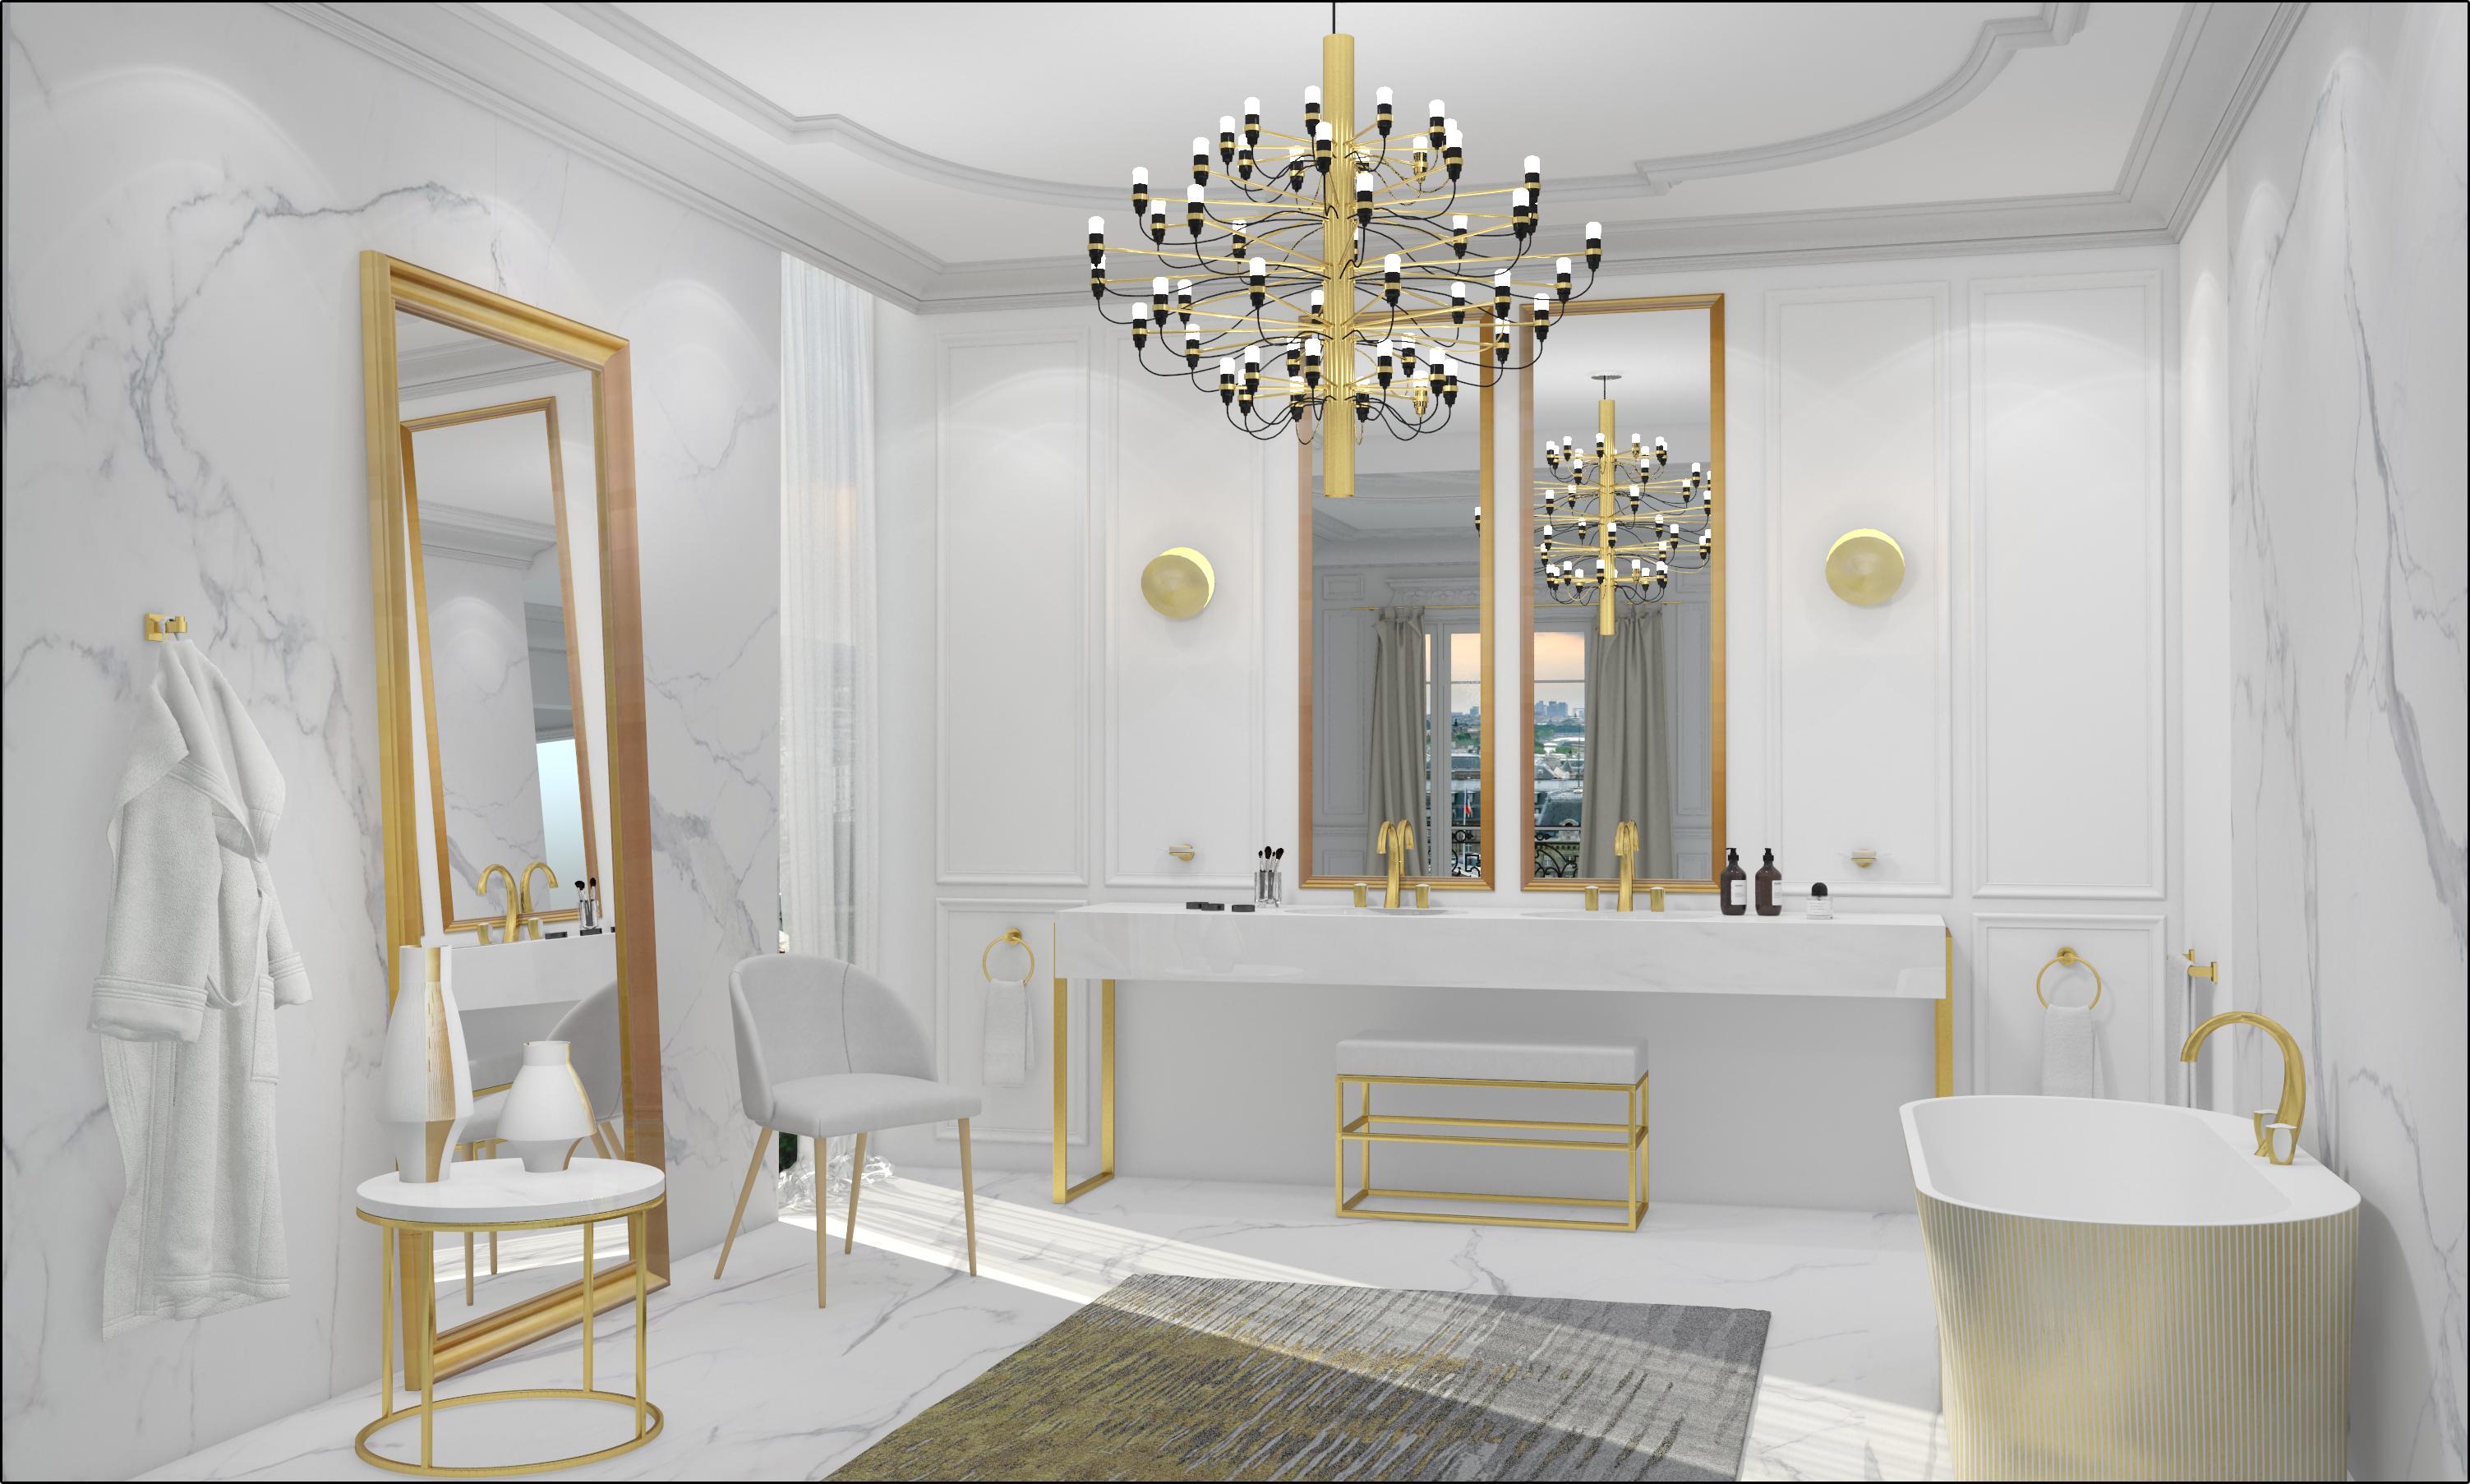 bathroom designers Henley on Thames | Concept Design